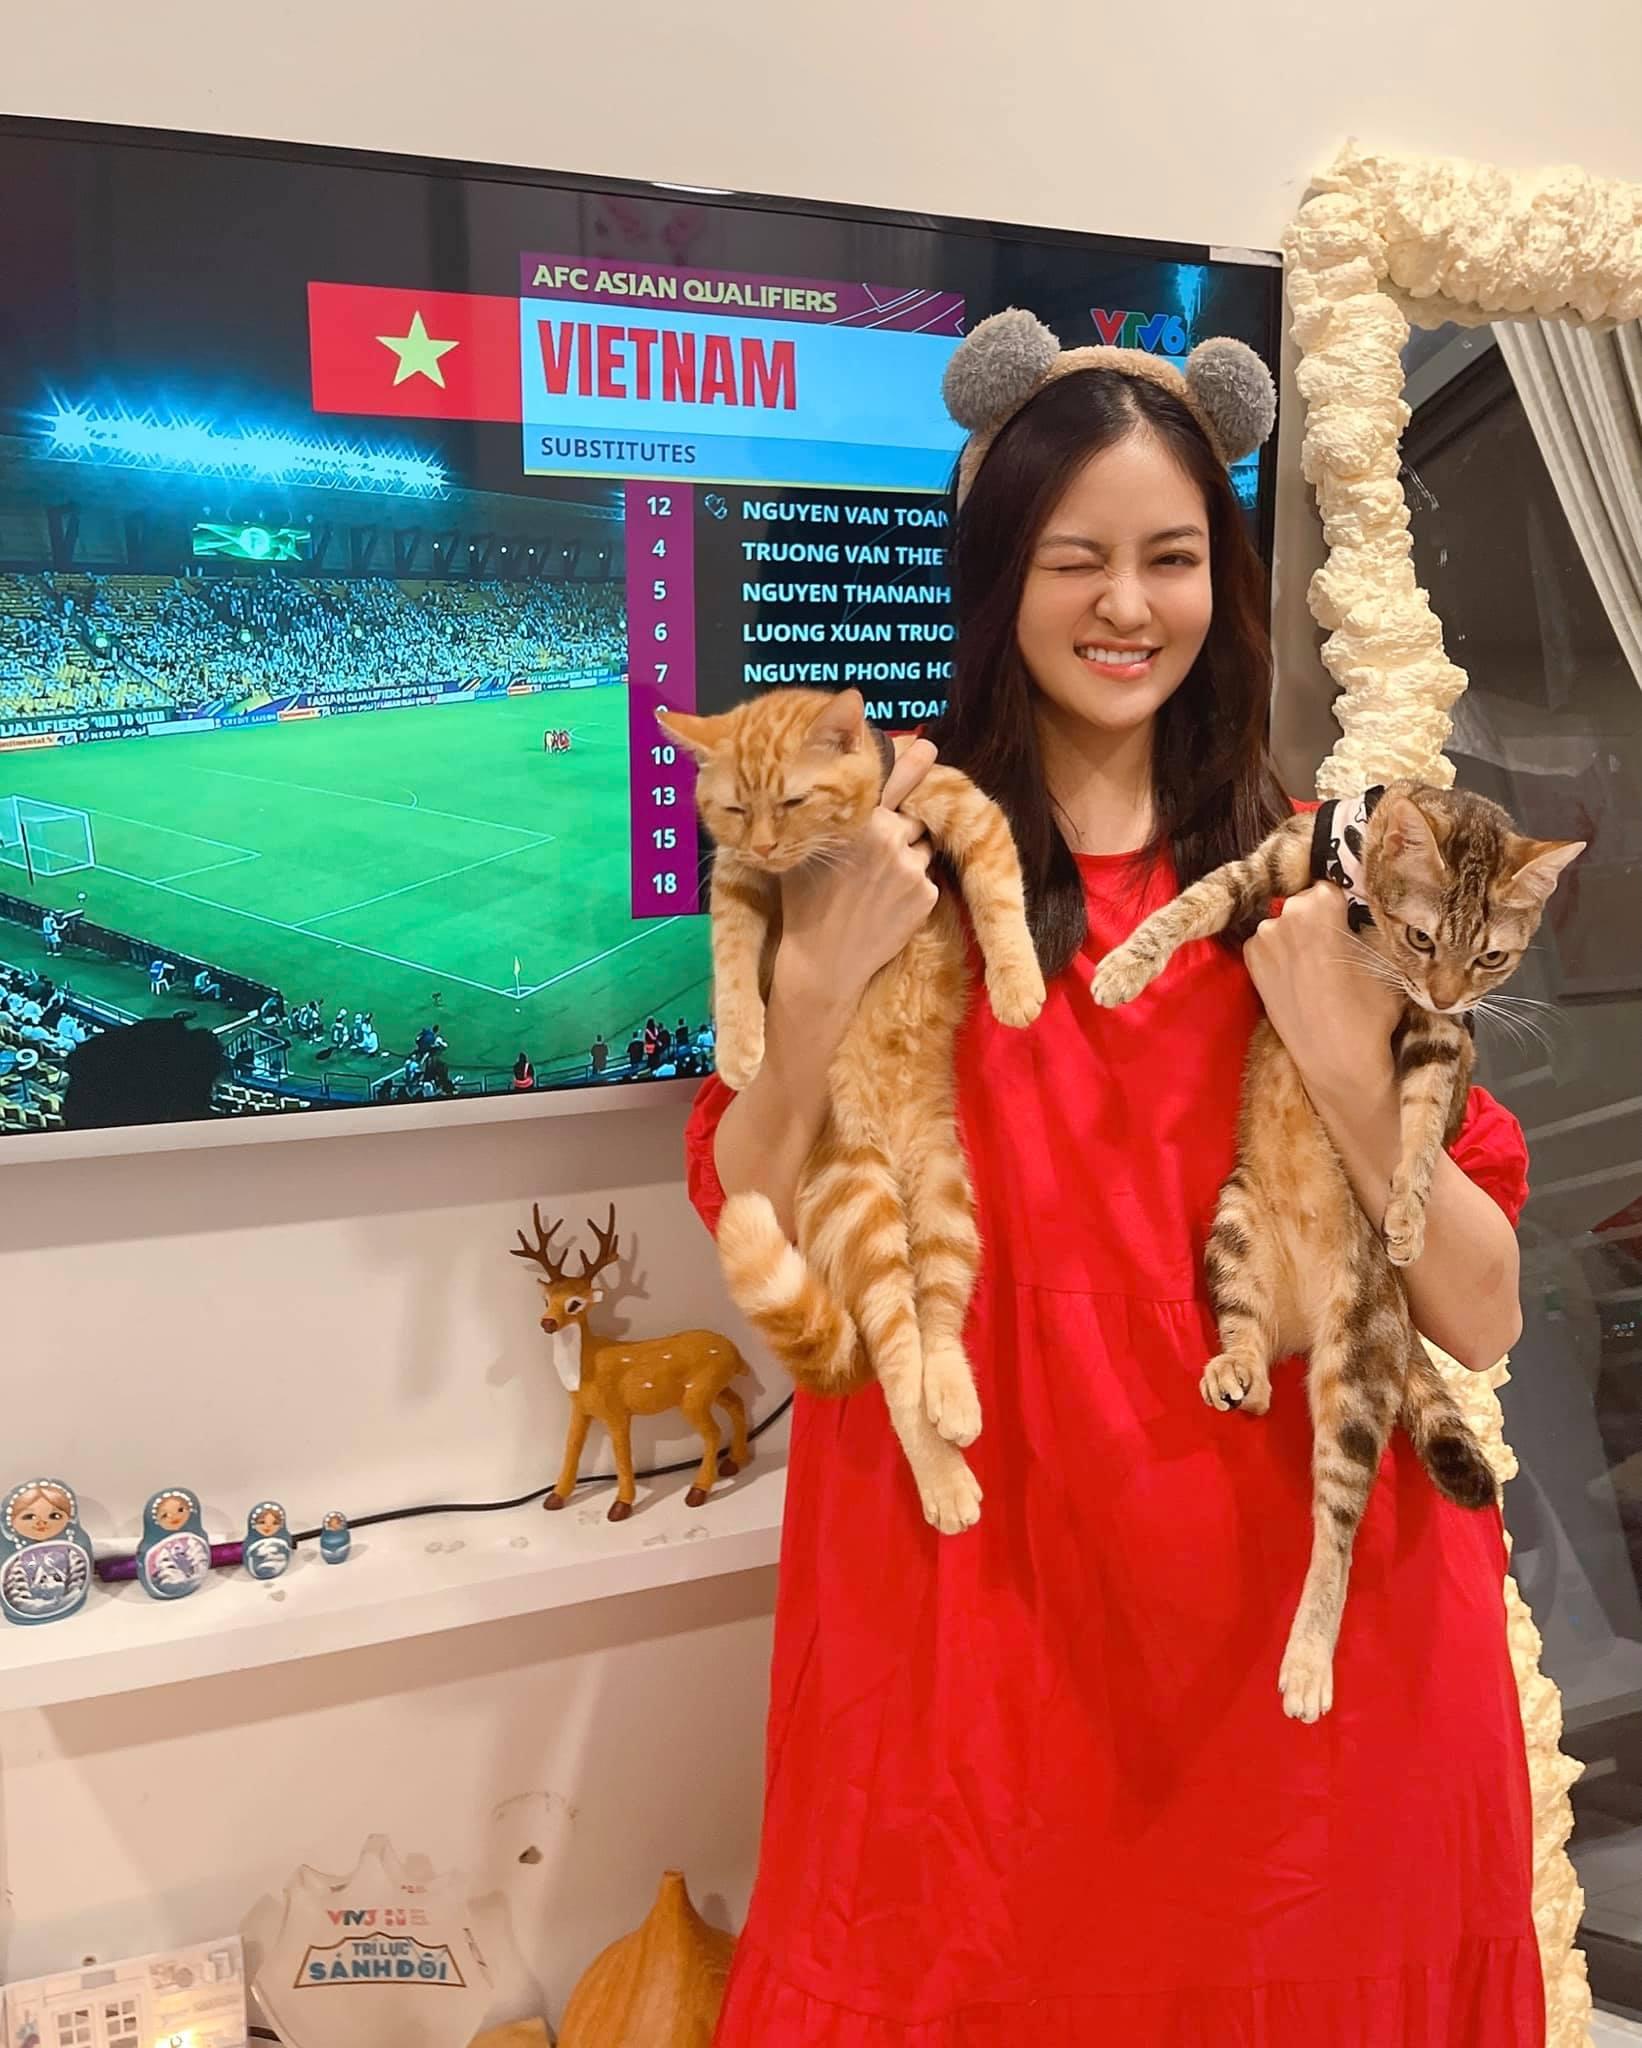 Diễn viên Thùy Anh cũng nhập cuộc, hòa chung không khí bóng đá cùng hàng triệu người hâm mộ. Cô vỡ òa cảm xúc khi tuyển Việt Nam ghi bàn mở tỷ số. Quá tuyệt vời, thật không dám tin luôn, cô cảm thán.